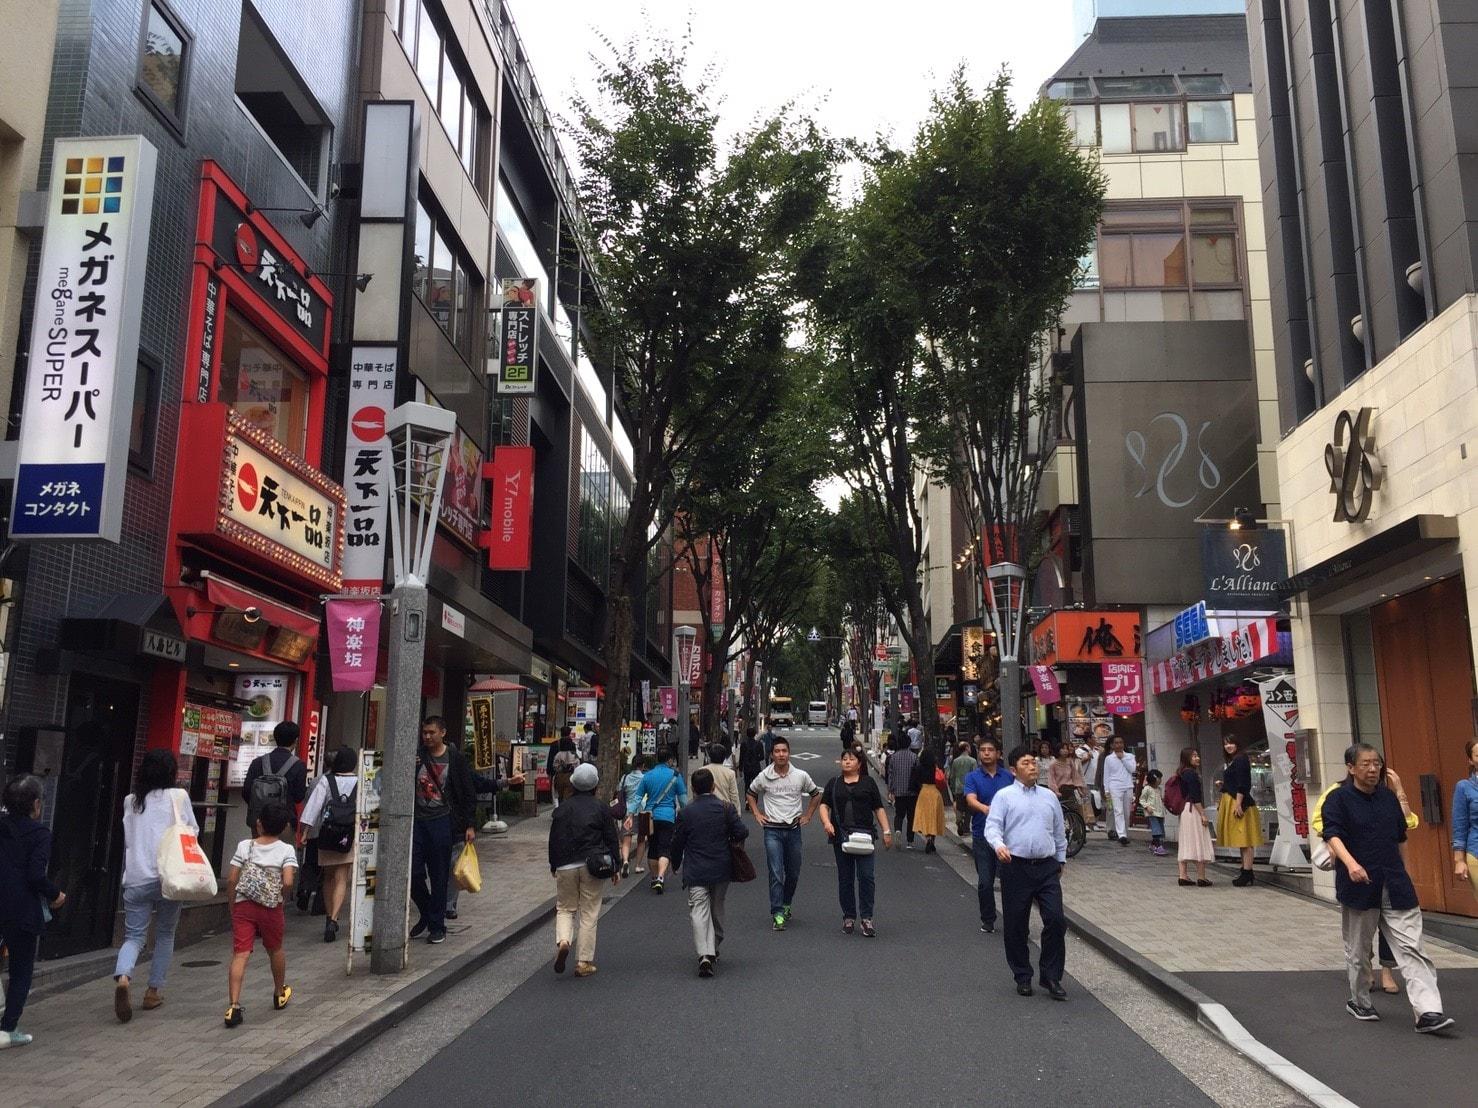 飲食店が多い街並み